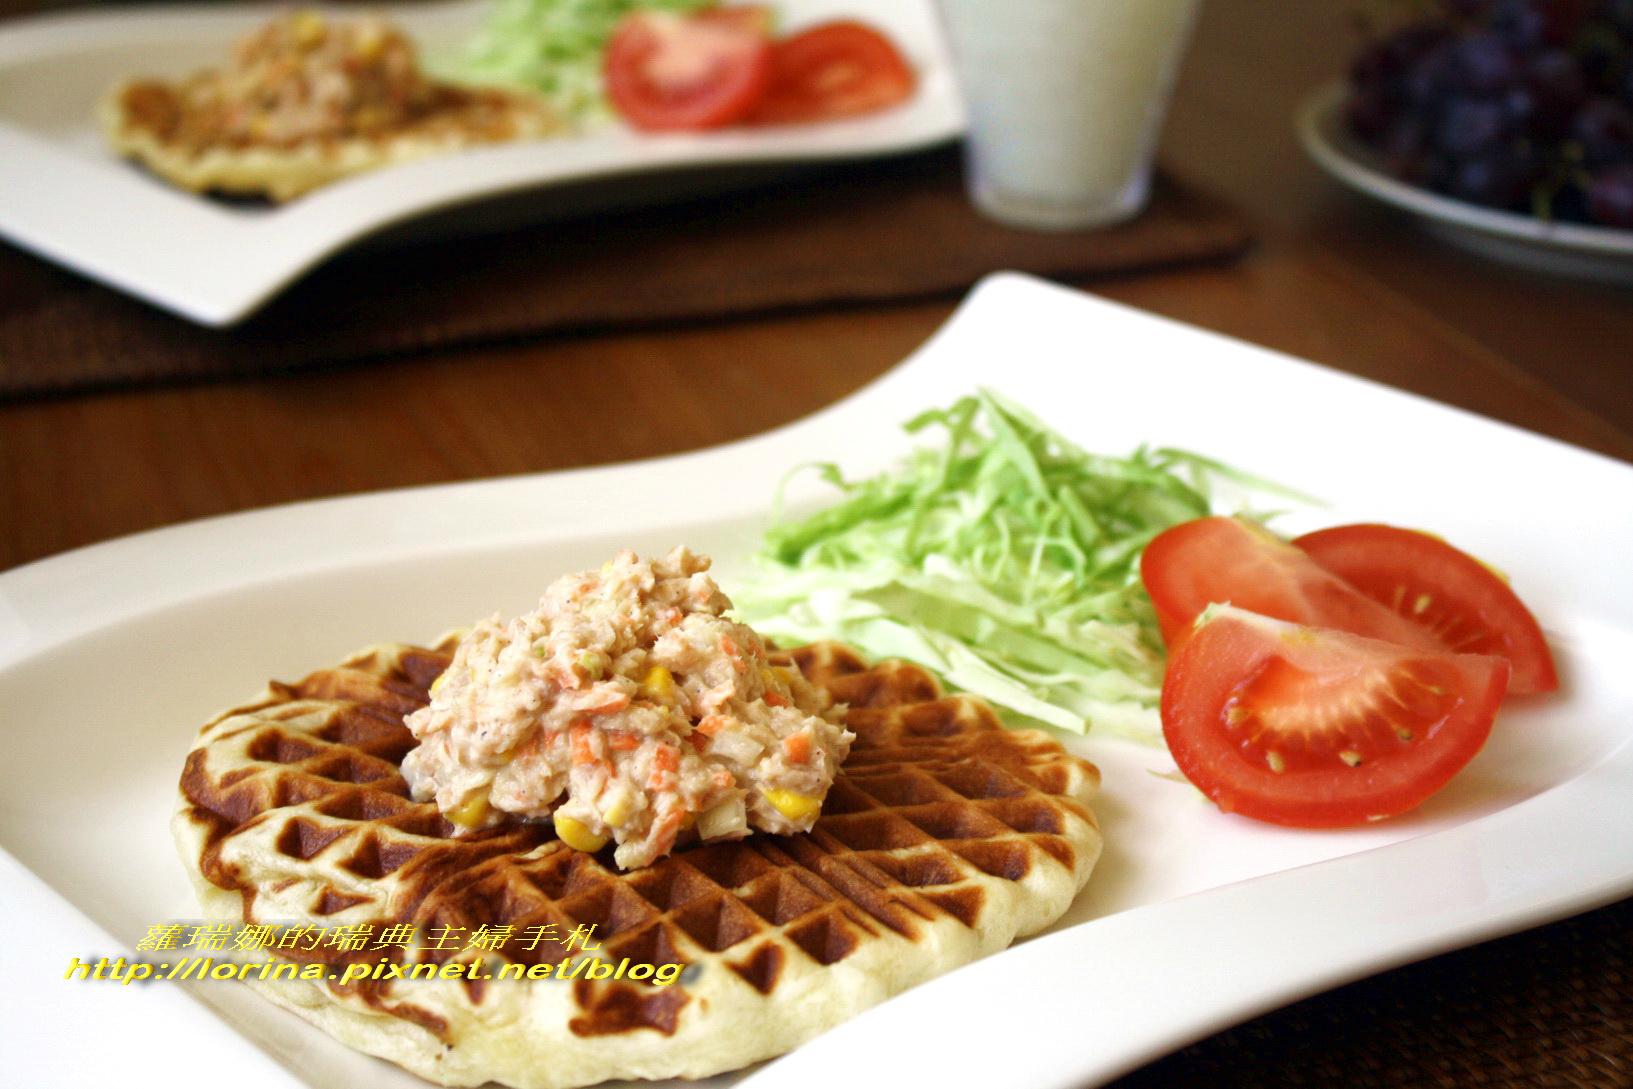 完美早午餐~芝司樂起司鬆餅佐洋蔥鮪魚沙拉醬